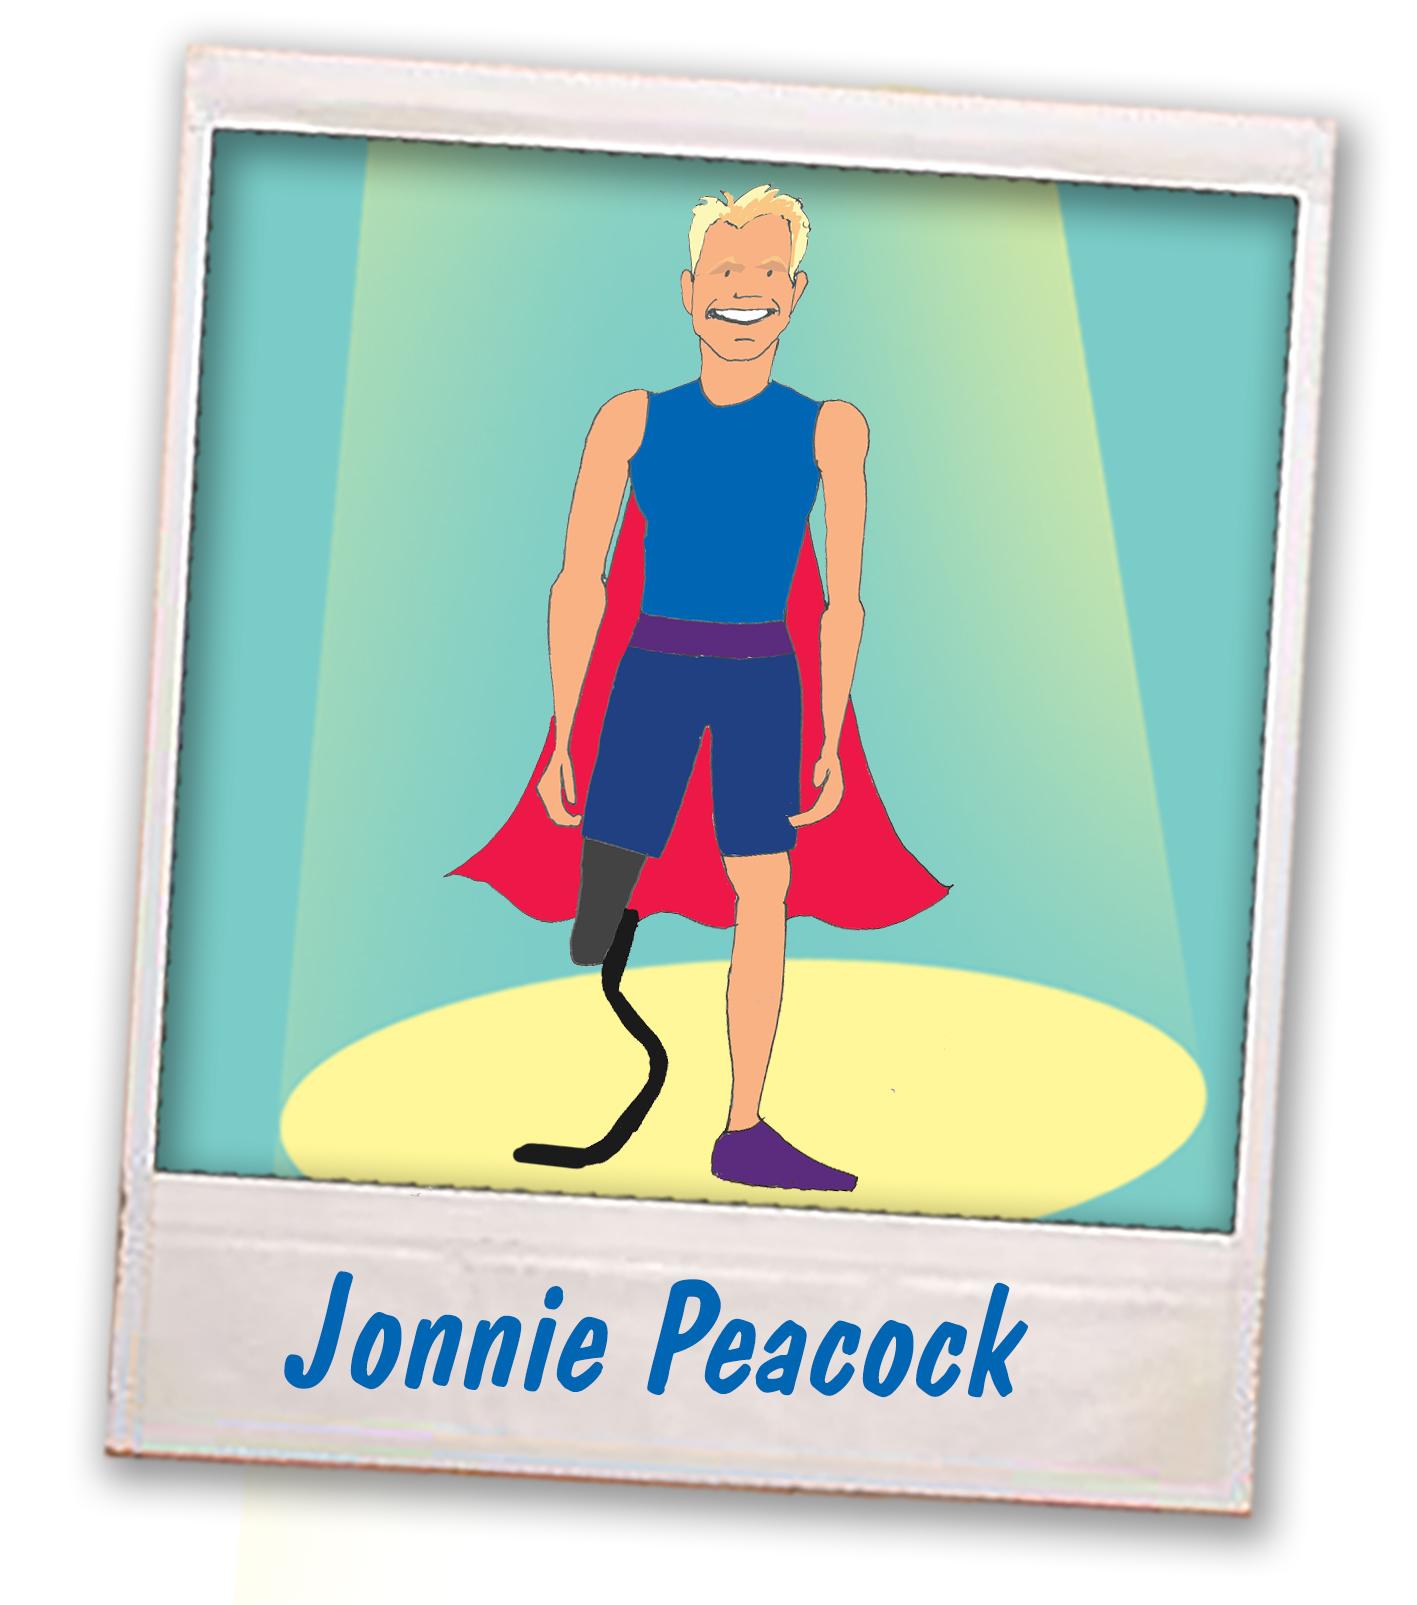 Jonnie Peacock.jpg